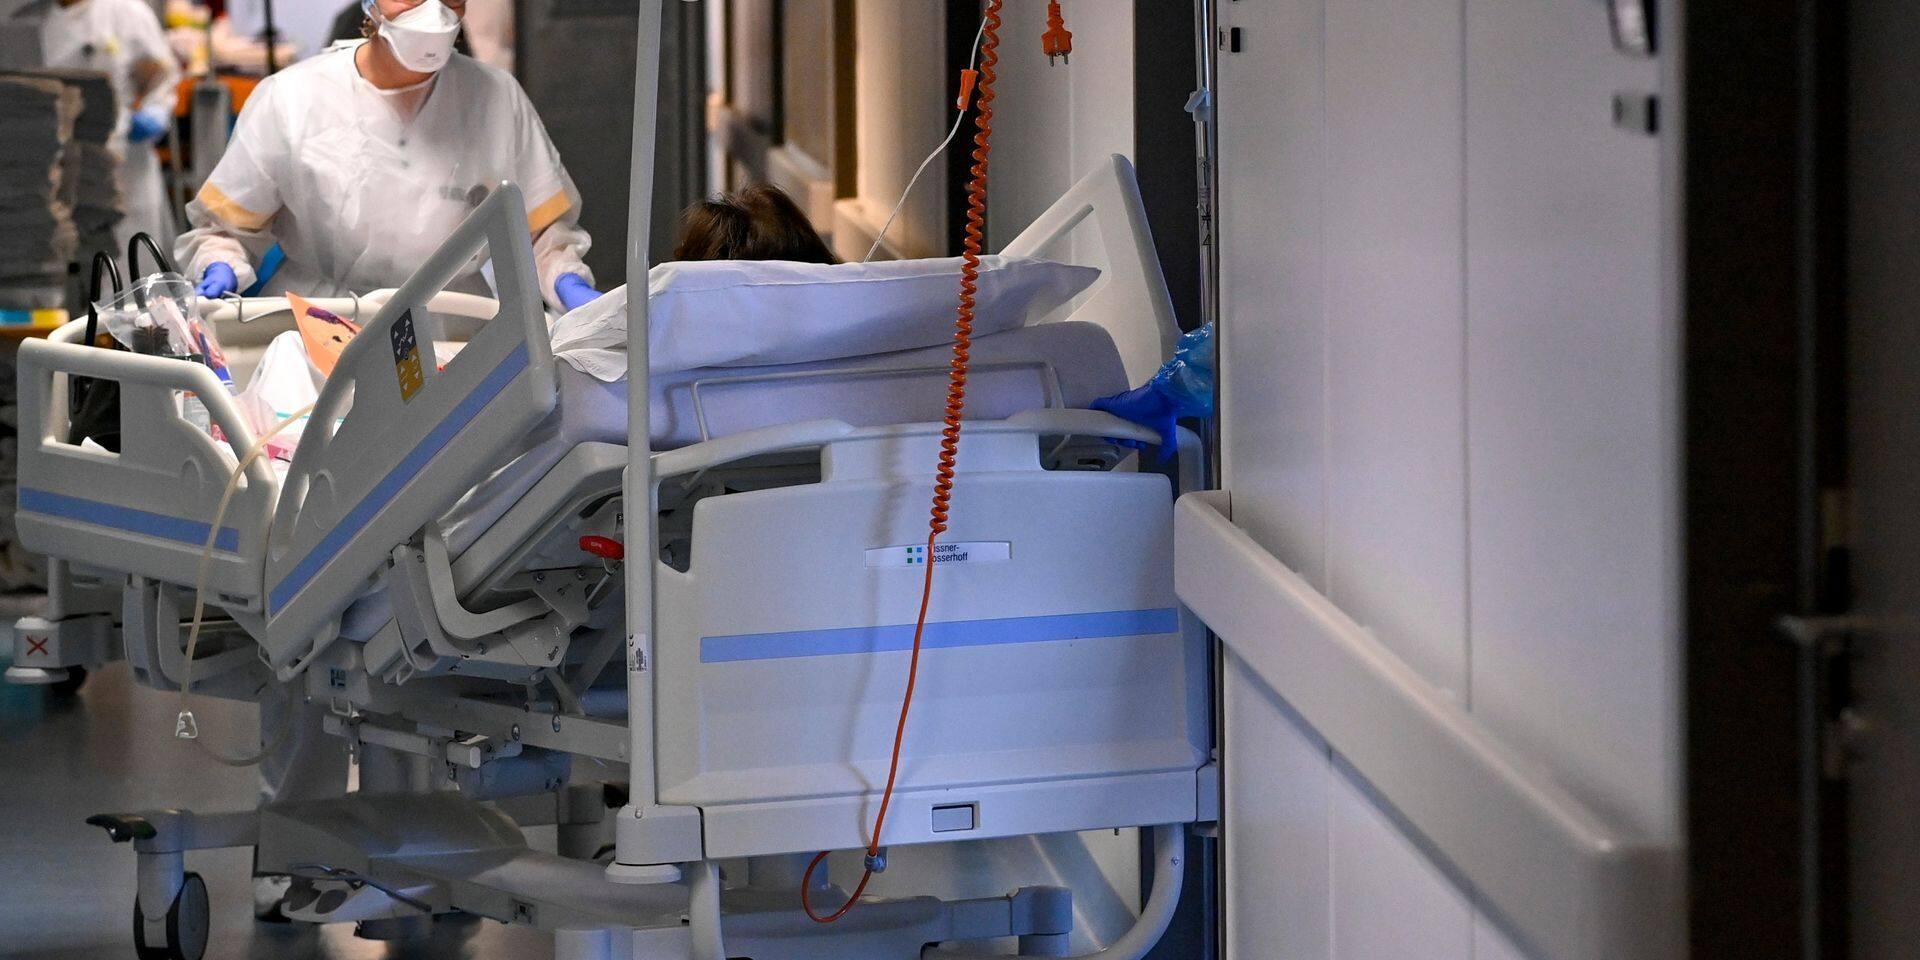 Contaminée par le coronavirus, une femme enceinte décède à Bruxelles